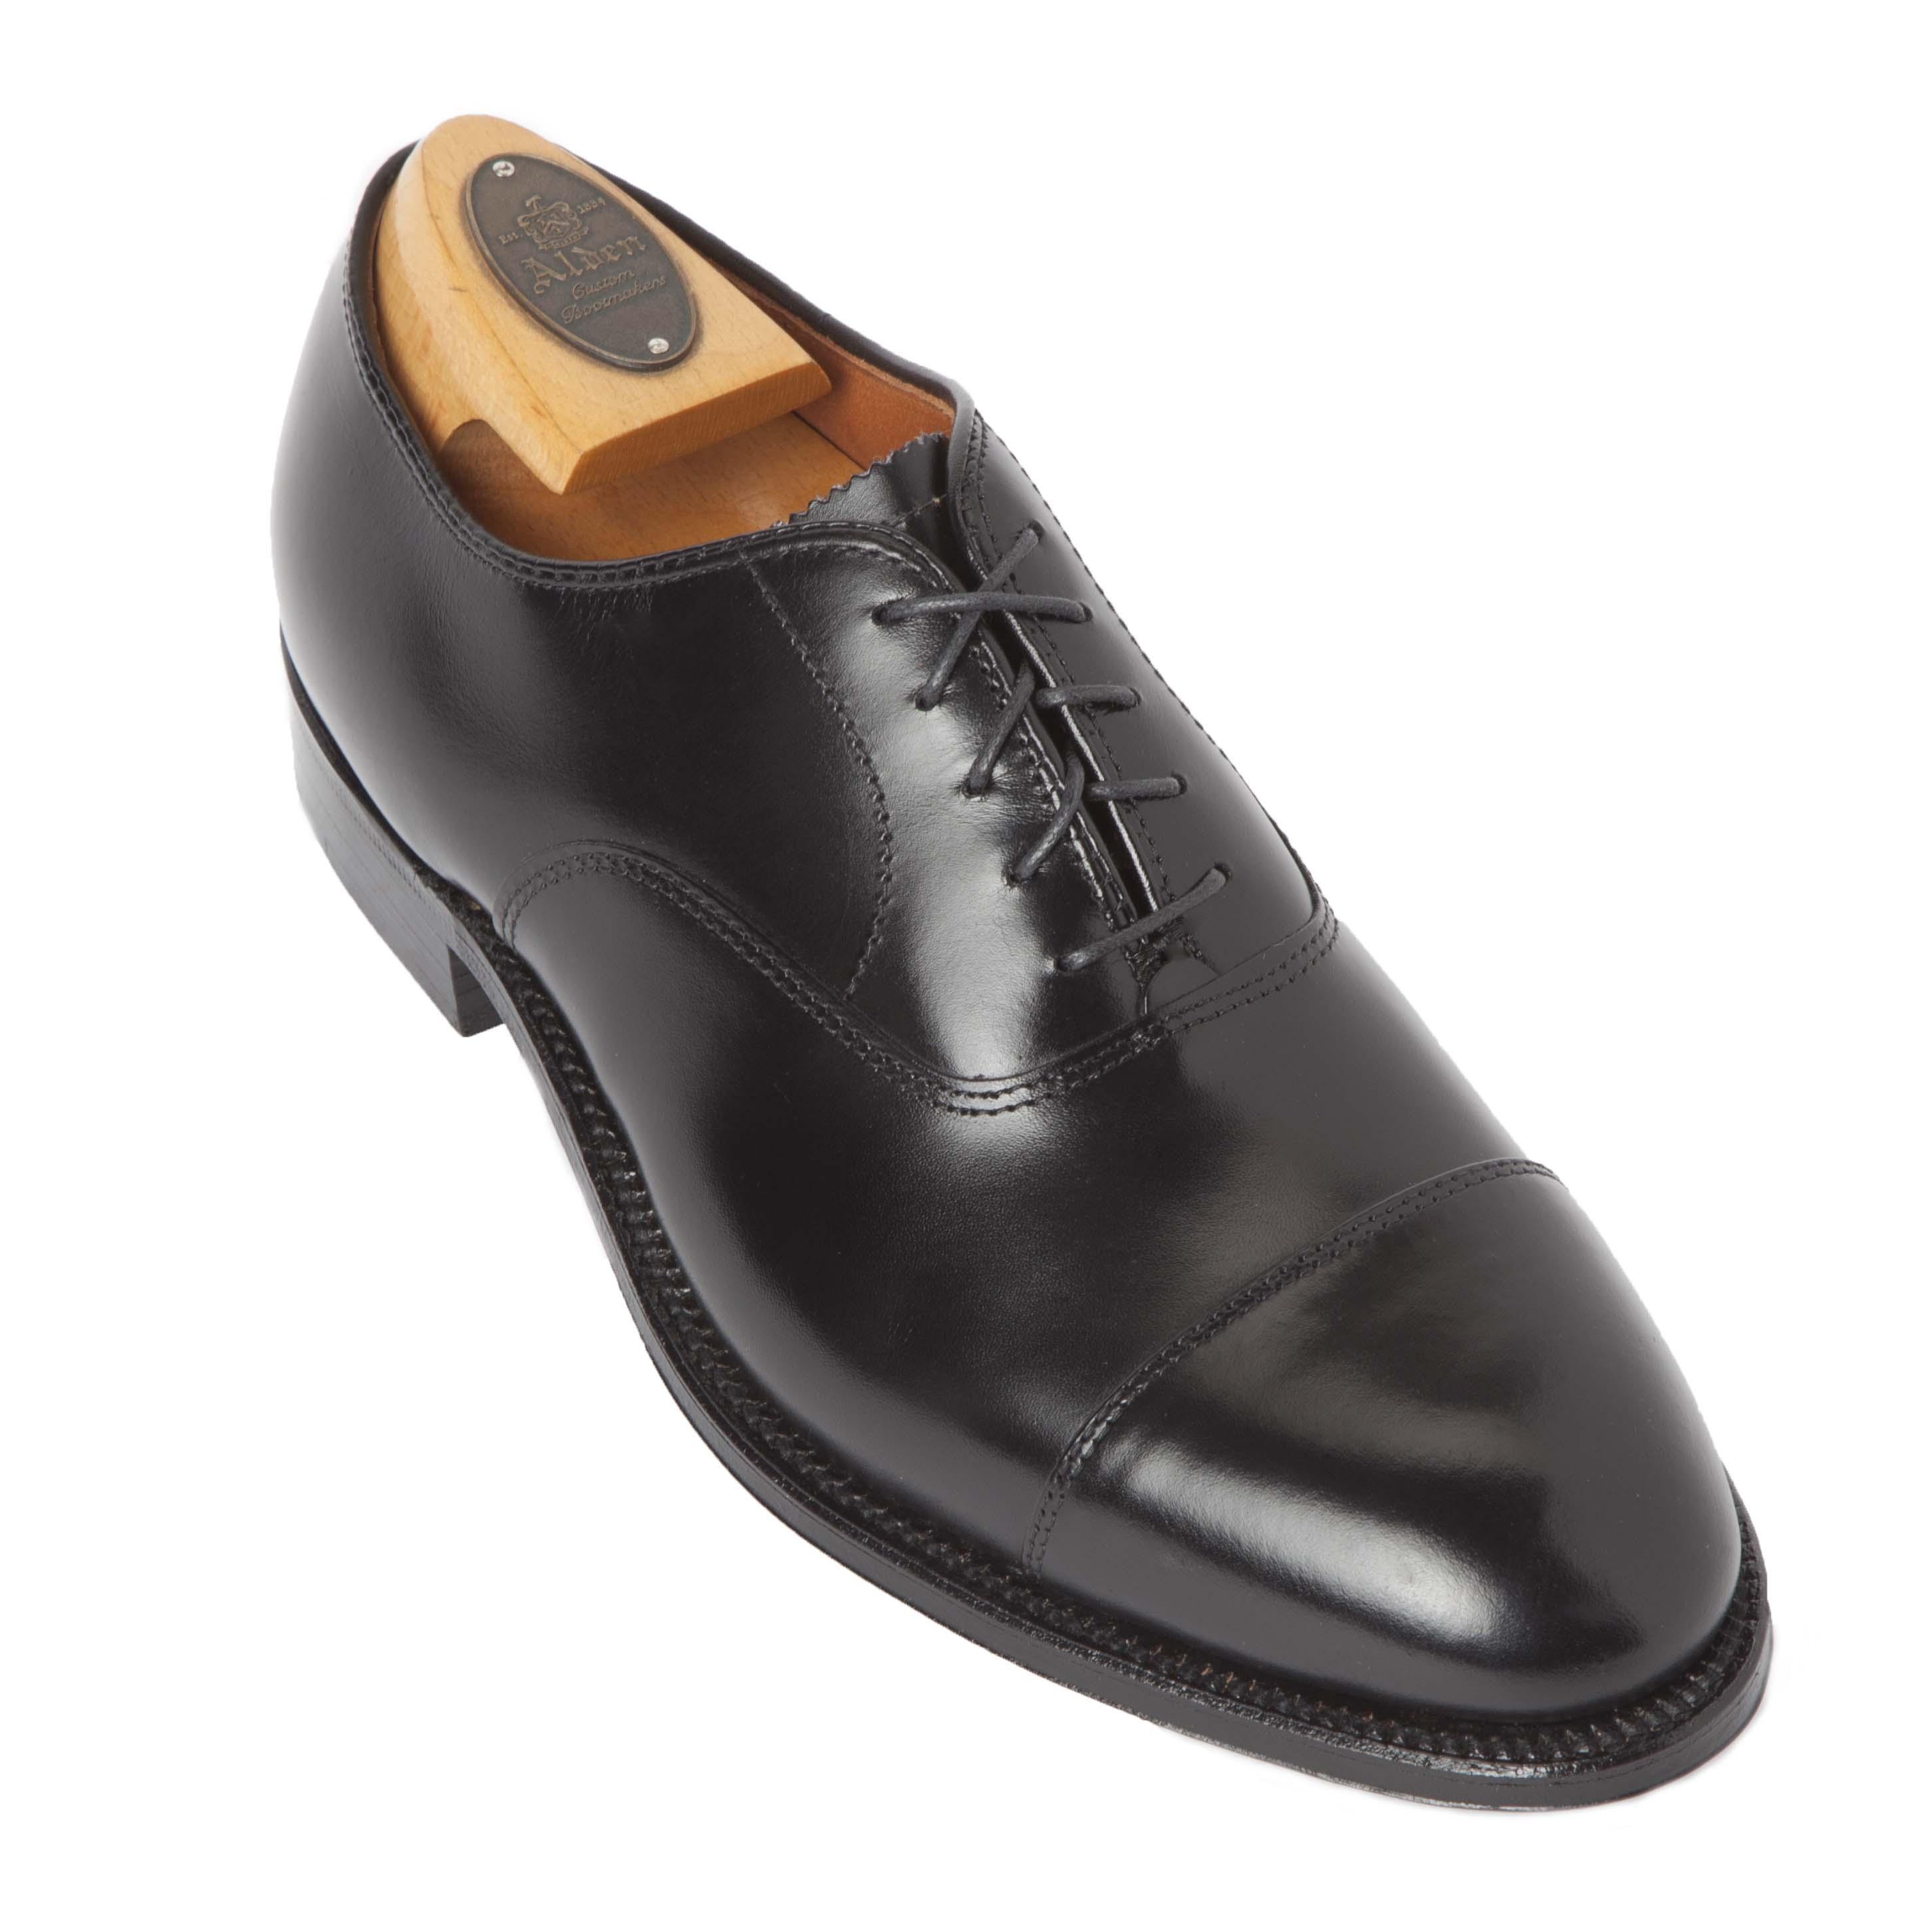 Straight tip balblack calfskin907 alden shoes madison for The alden